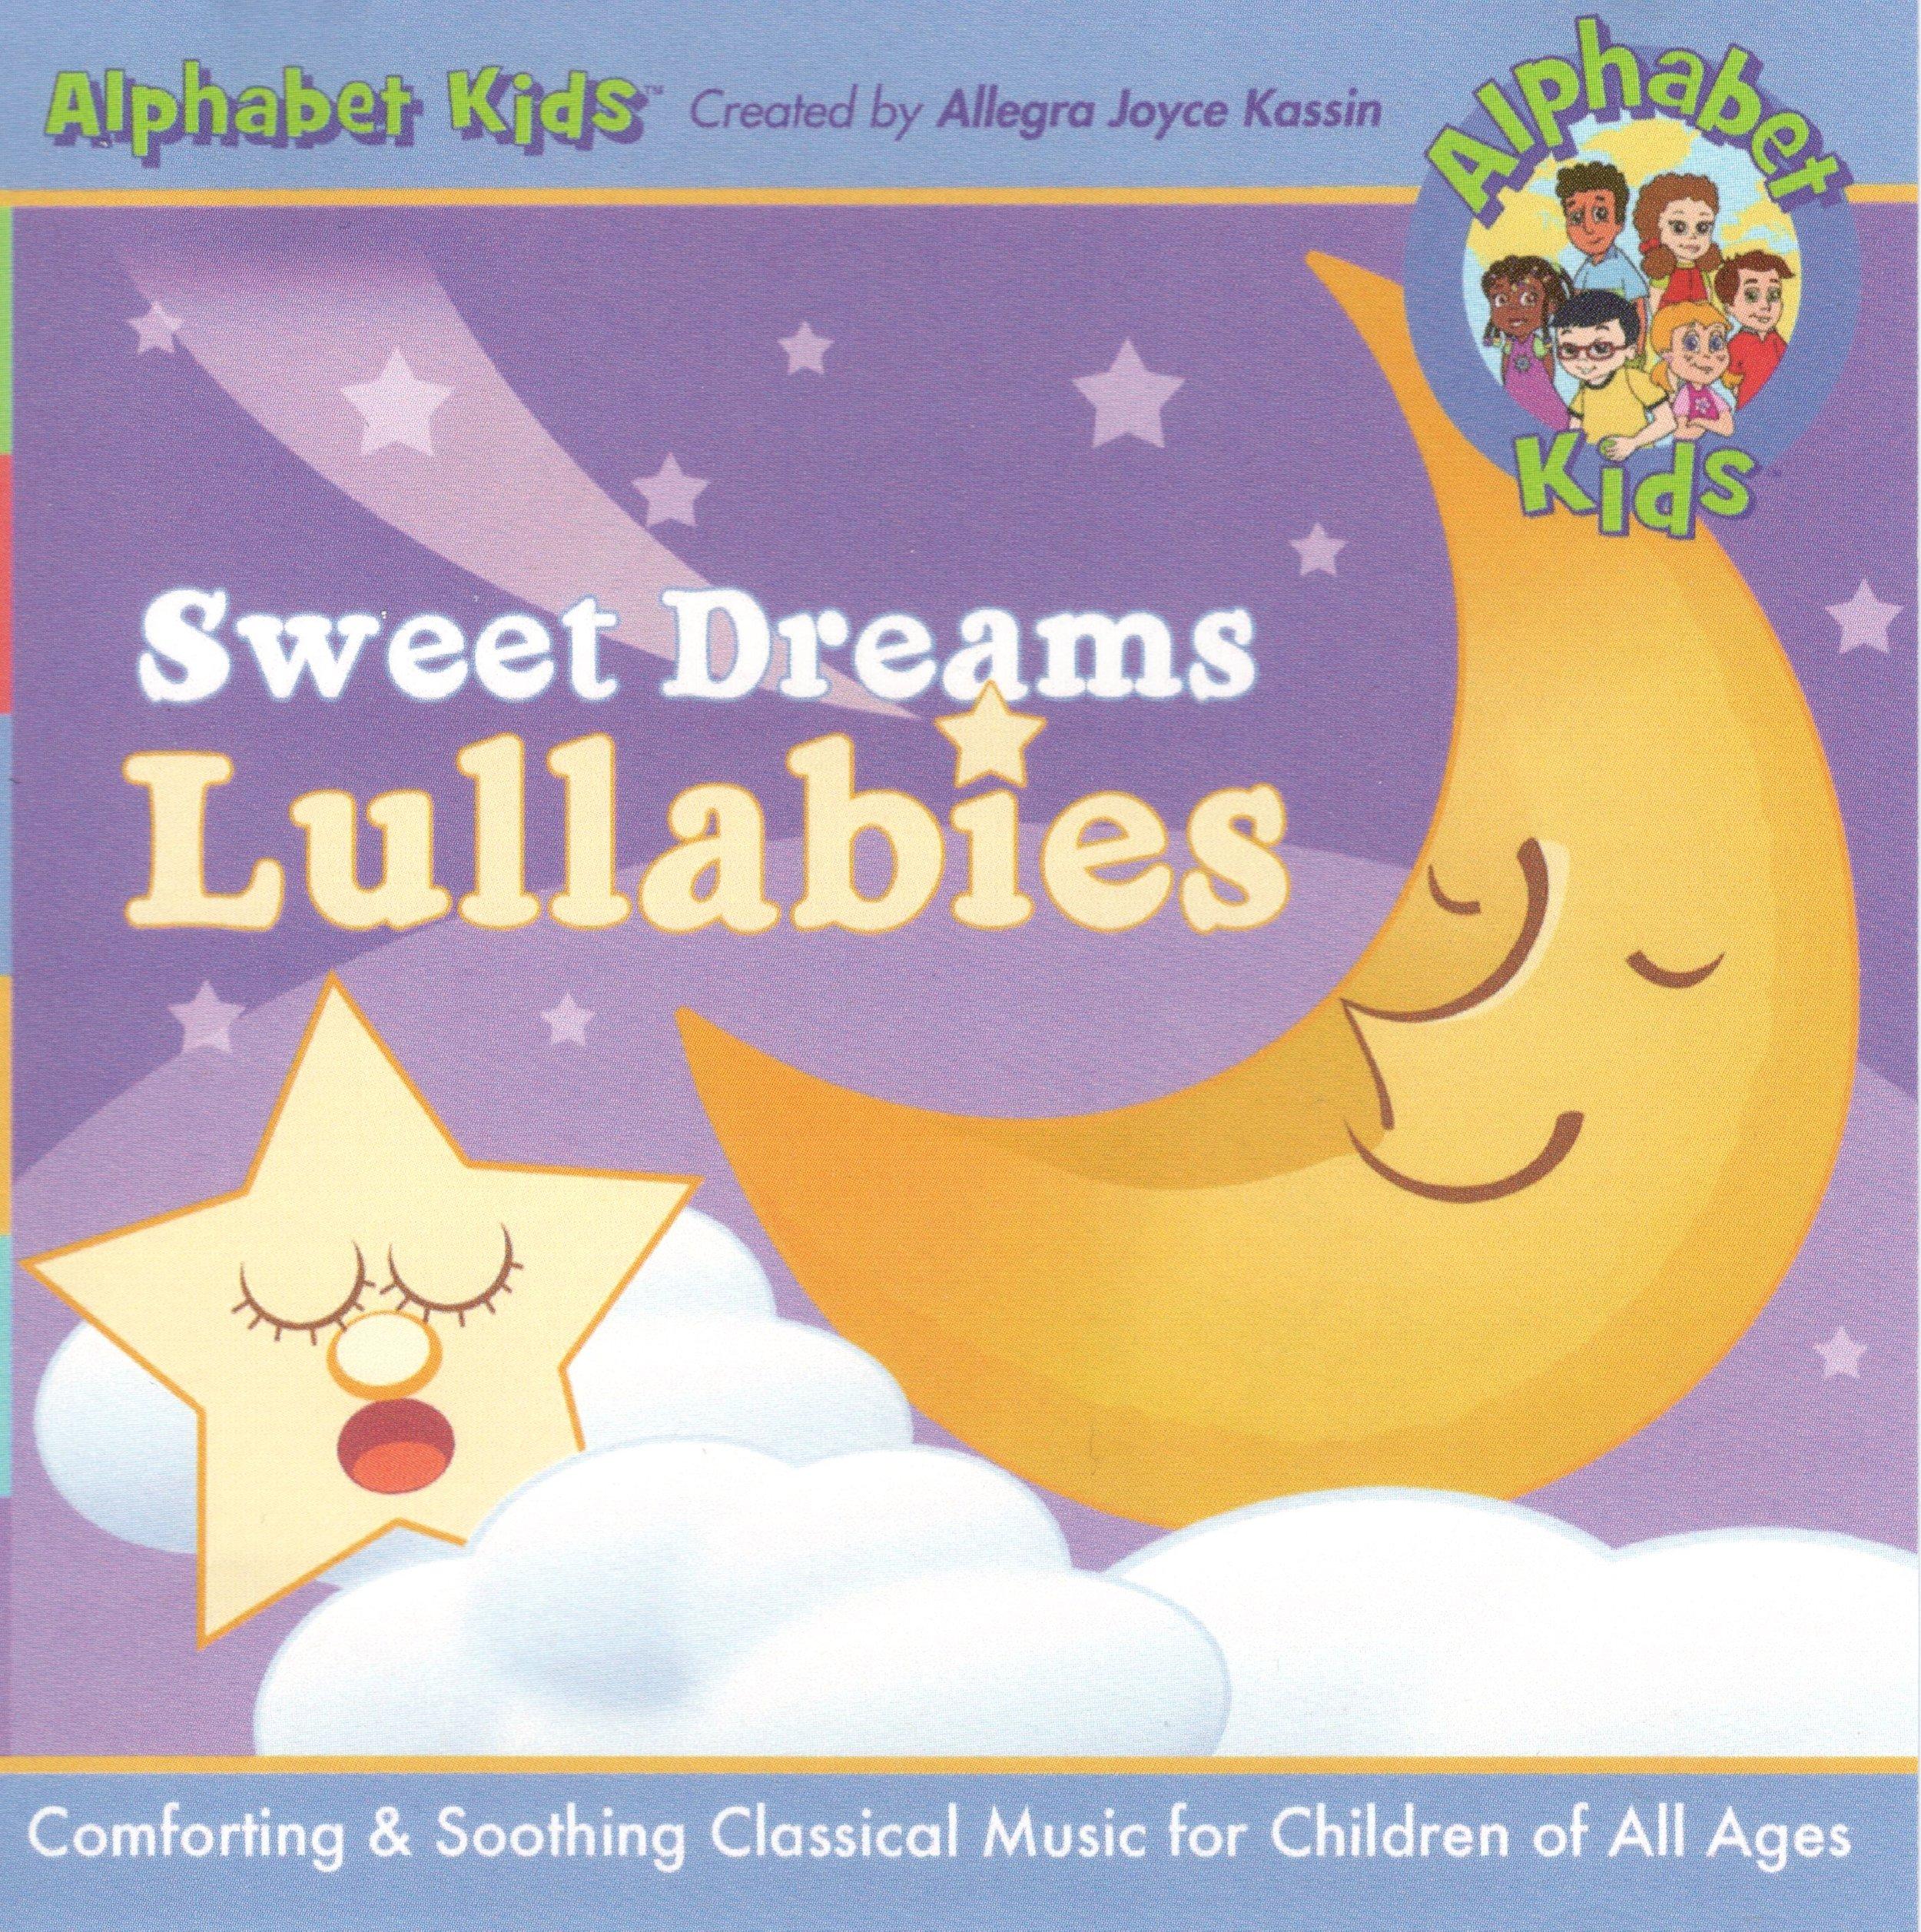 Sweet Dreams Lullabies CD